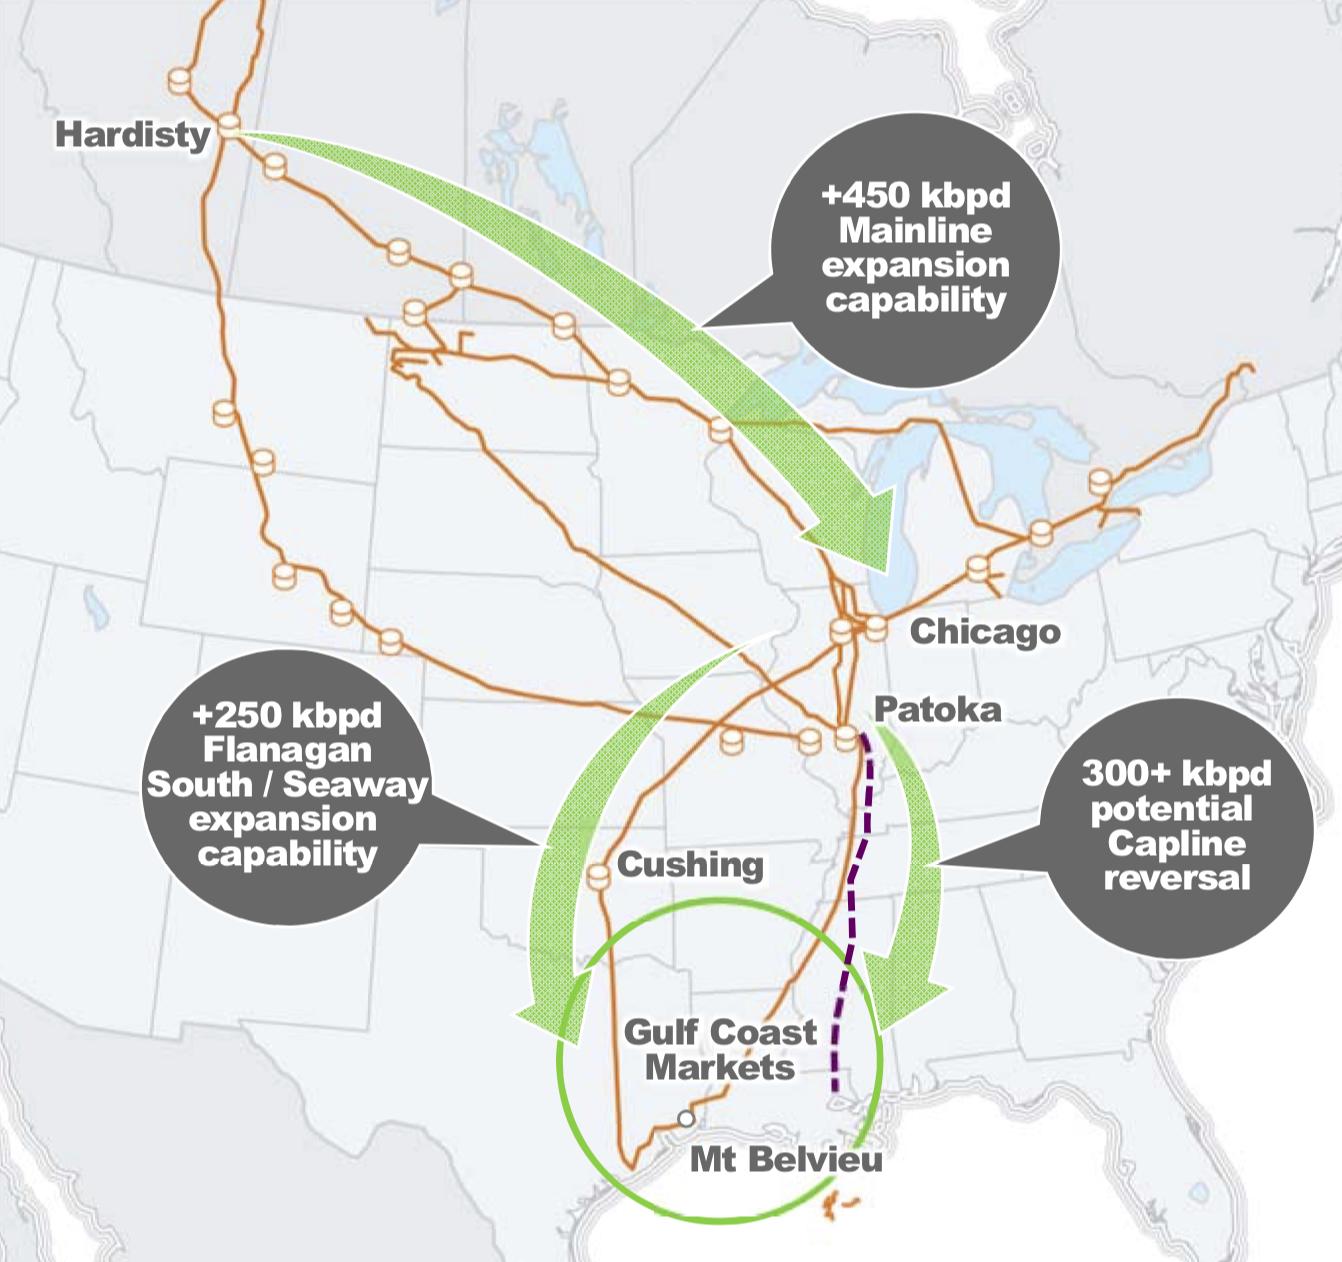 enbridge-mainline-expansion-plans.png